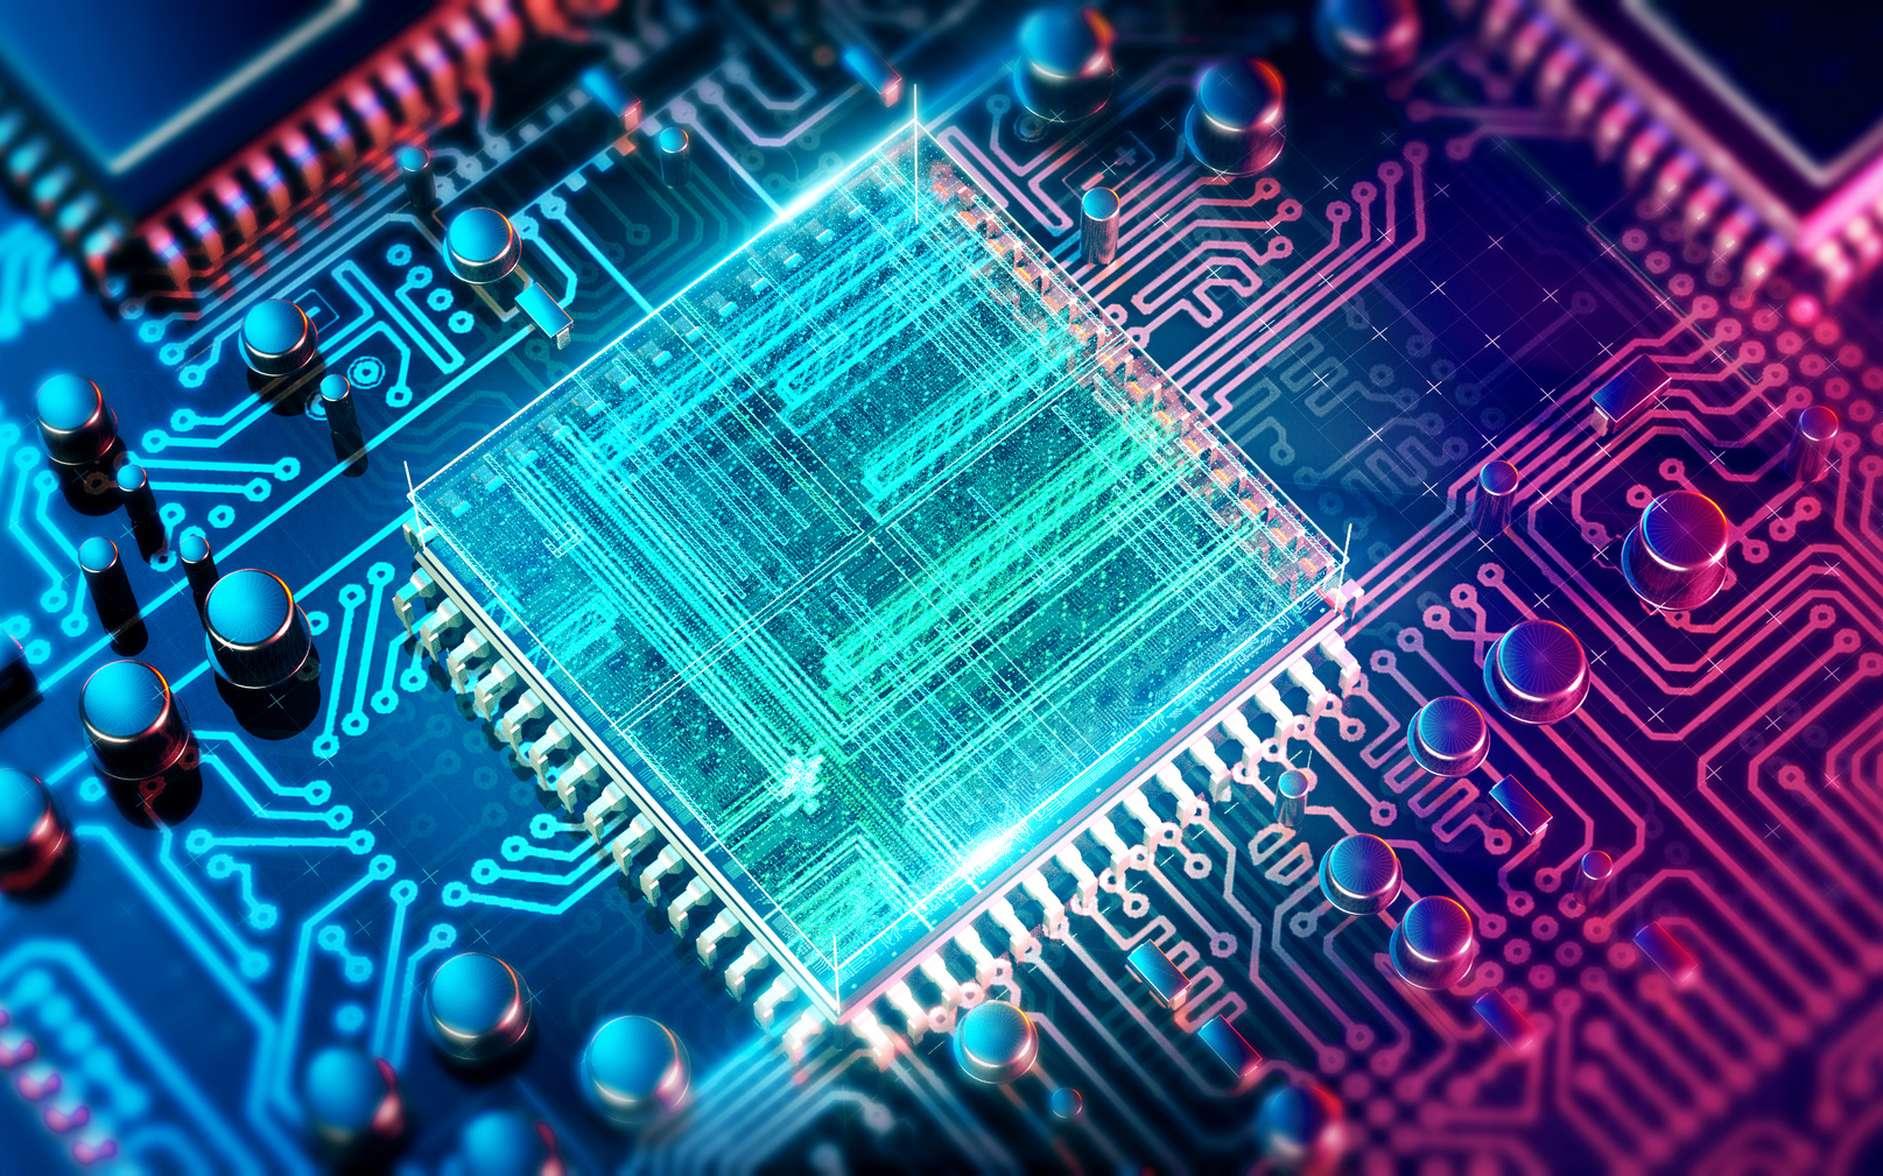 Une faille peut se trouver à l'intérieur même d'un composant électronique. © Archy13, Fotolia